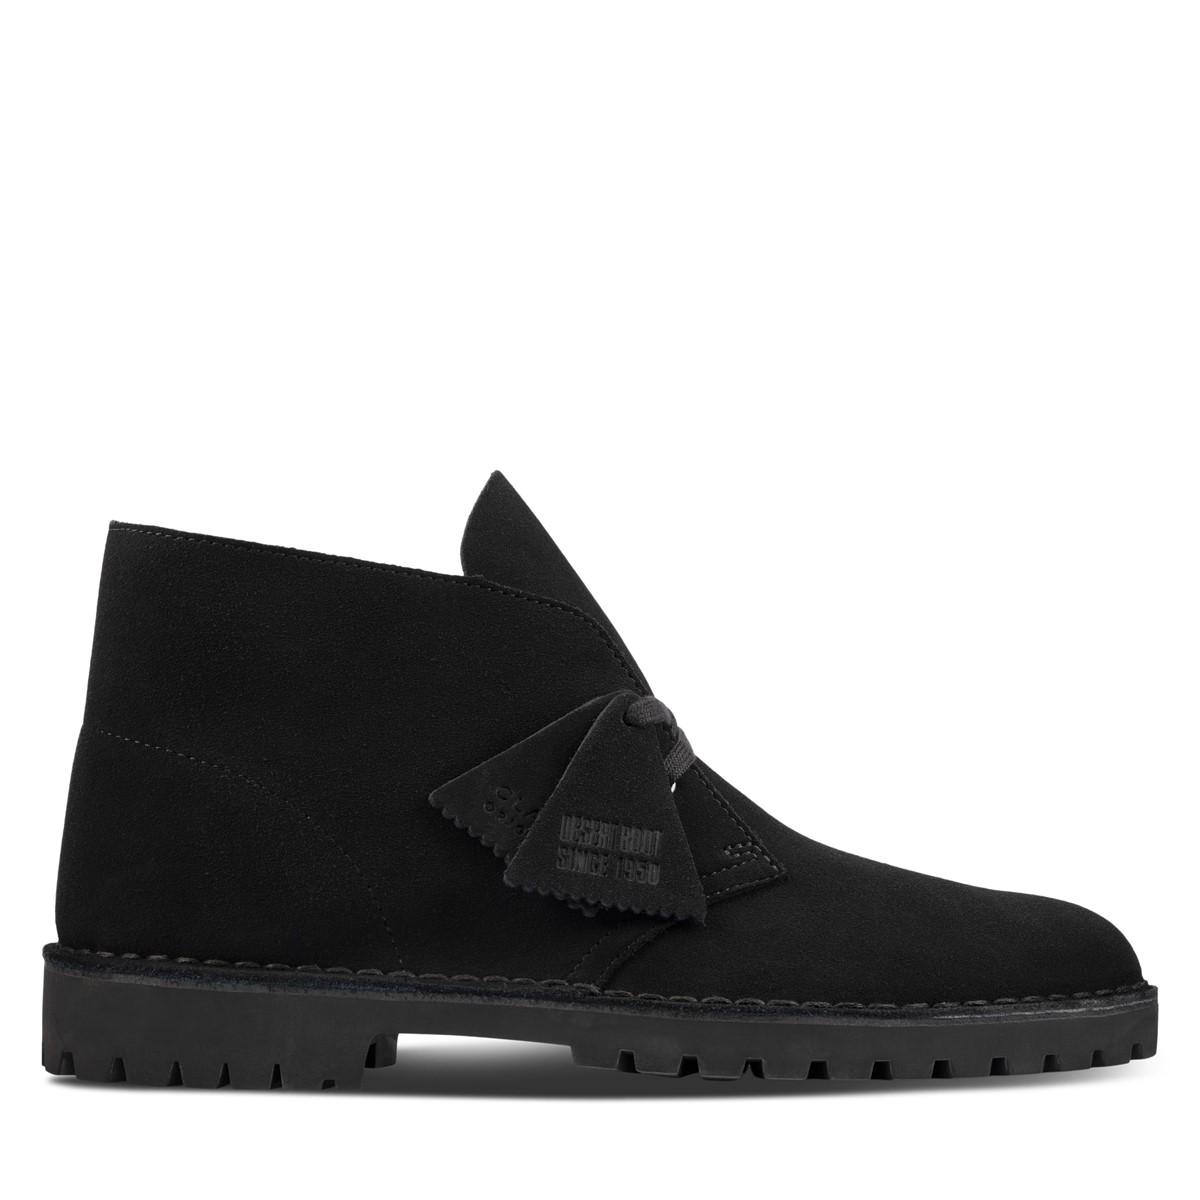 Men's Desert Rock Boots in Black